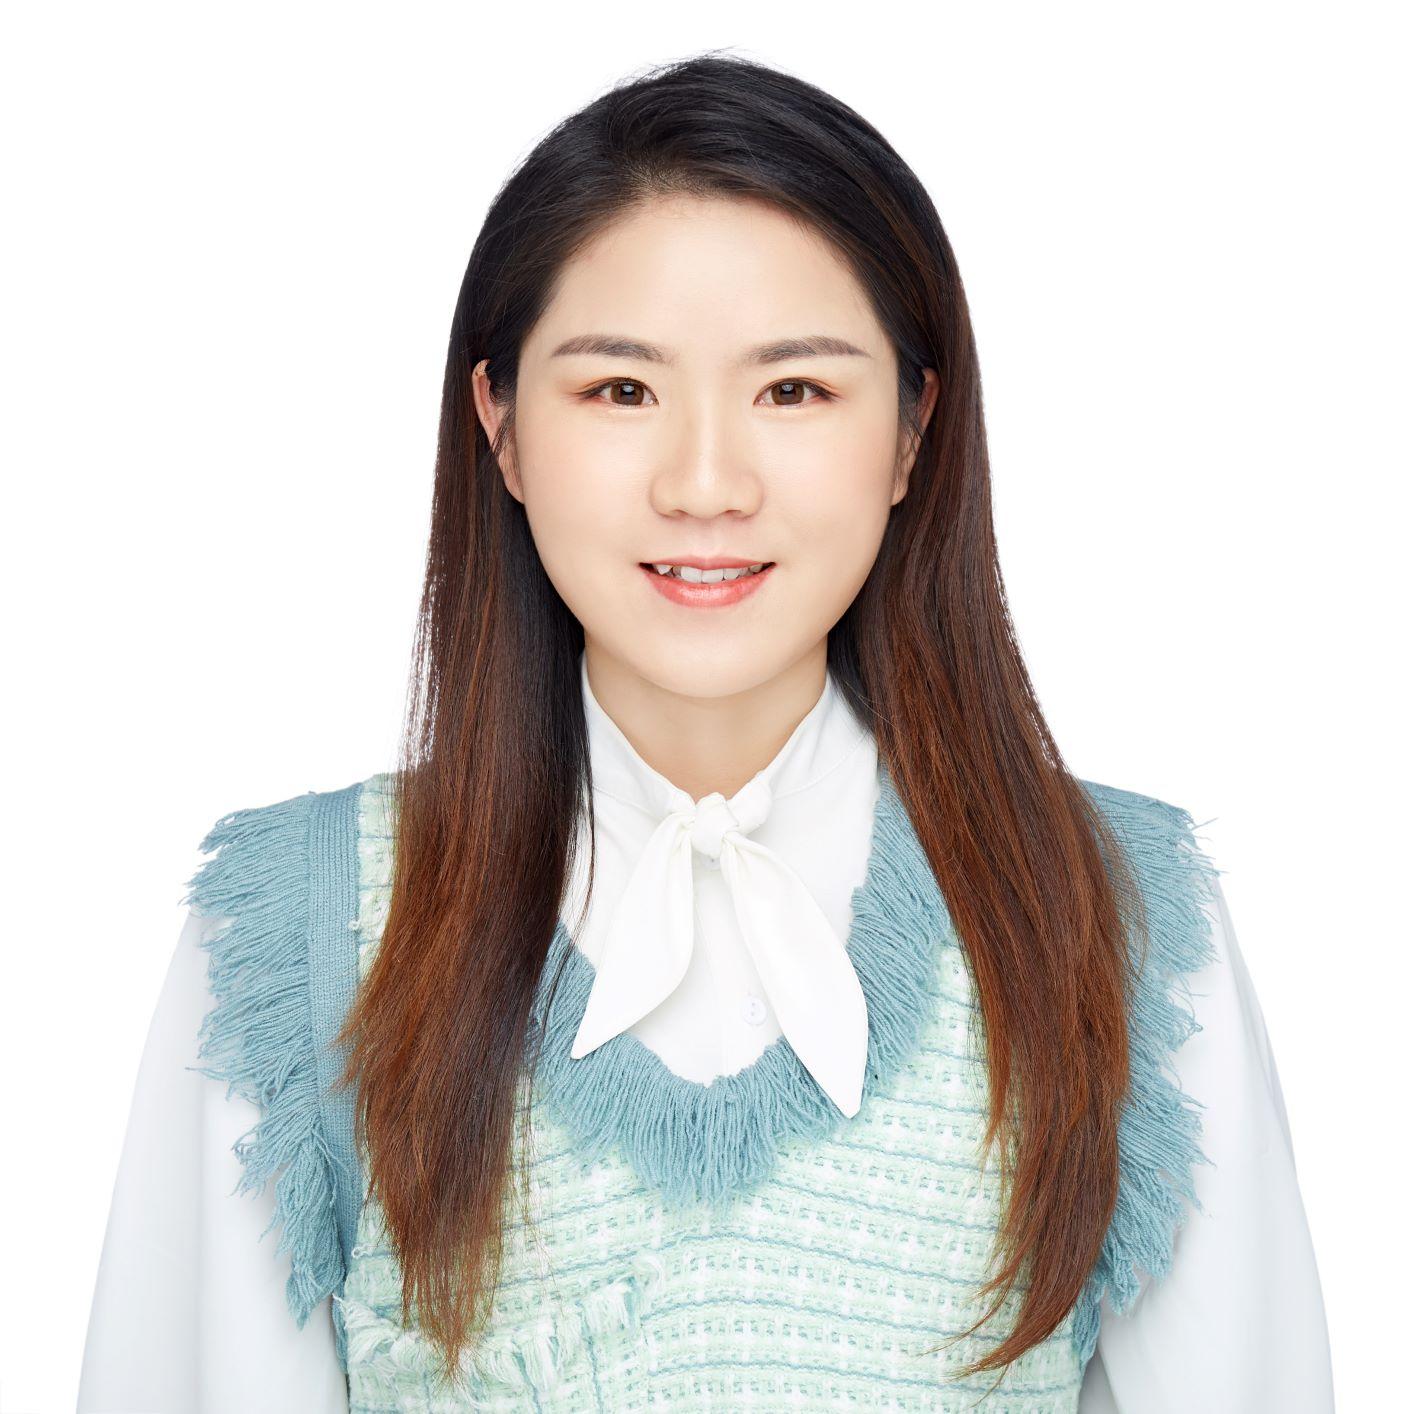 Lily Yang, Apr. 2020